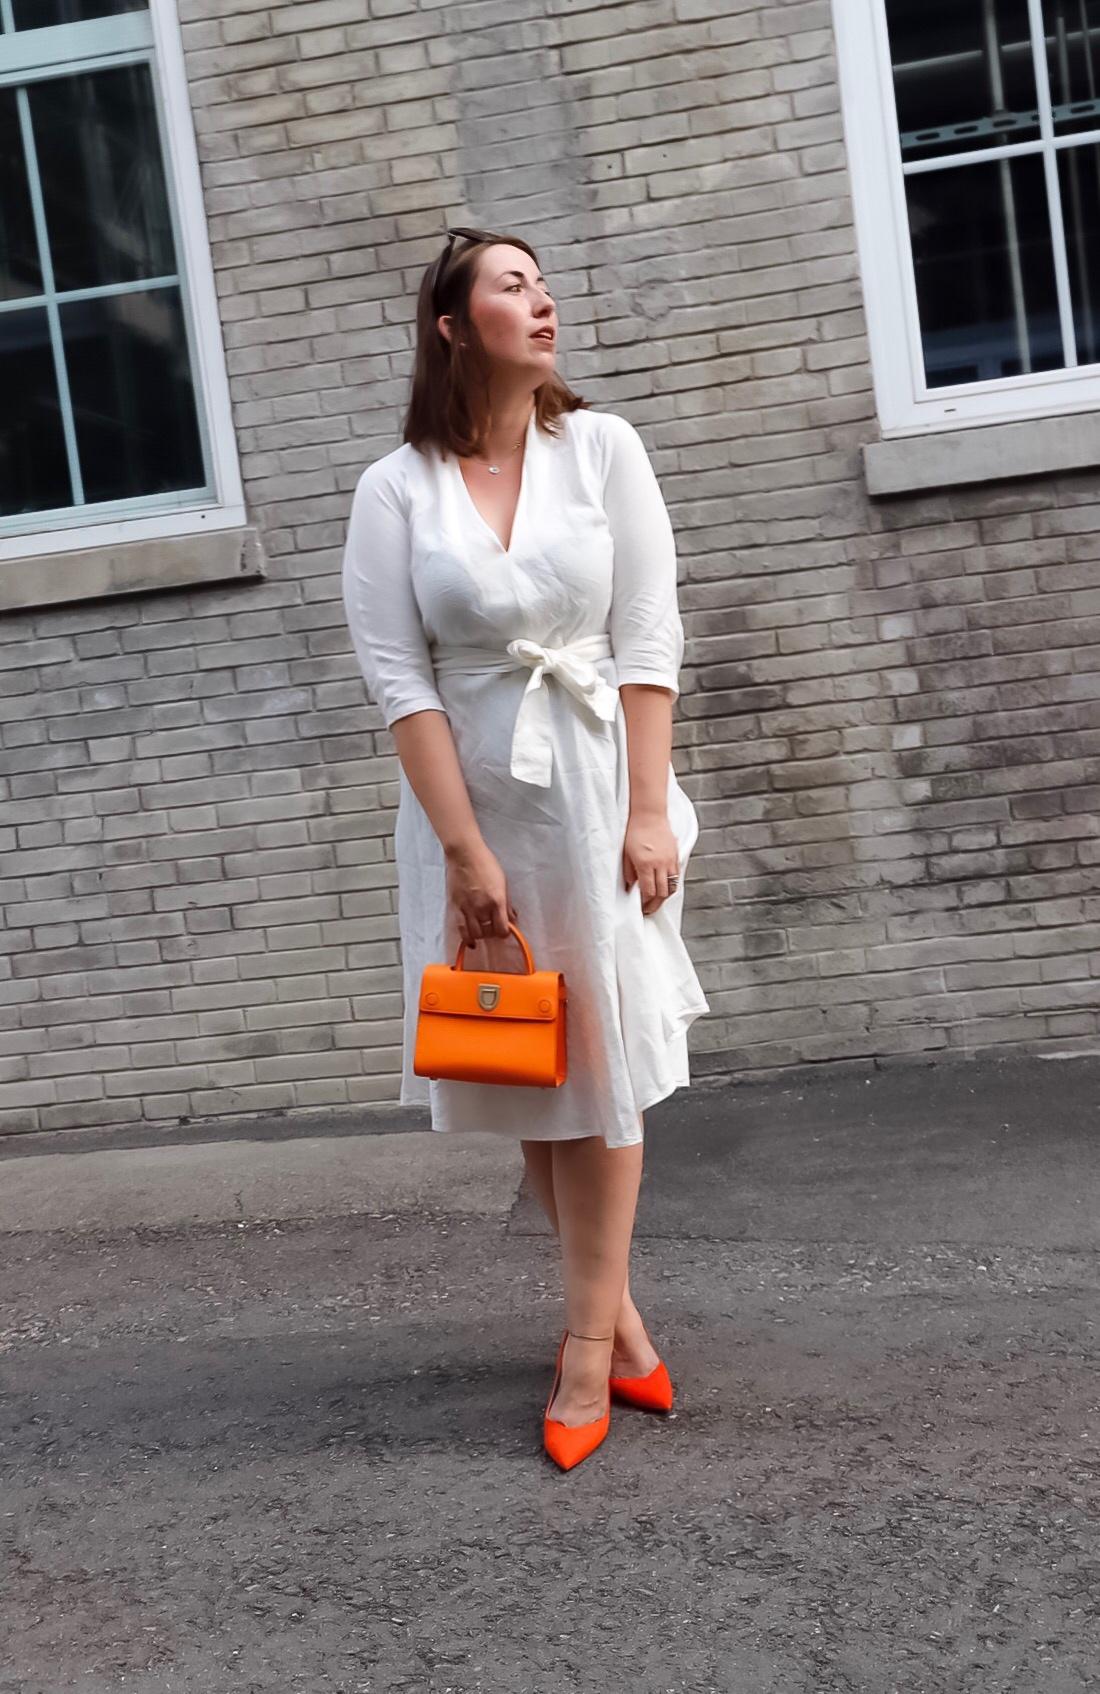 Weißes-Leinenkleid-Leinen-kombinieren-Dior-Ever-Diorever-Orange-Susanne-Heidebach-Miss-Suzie-Loves-Curvyblogger-4